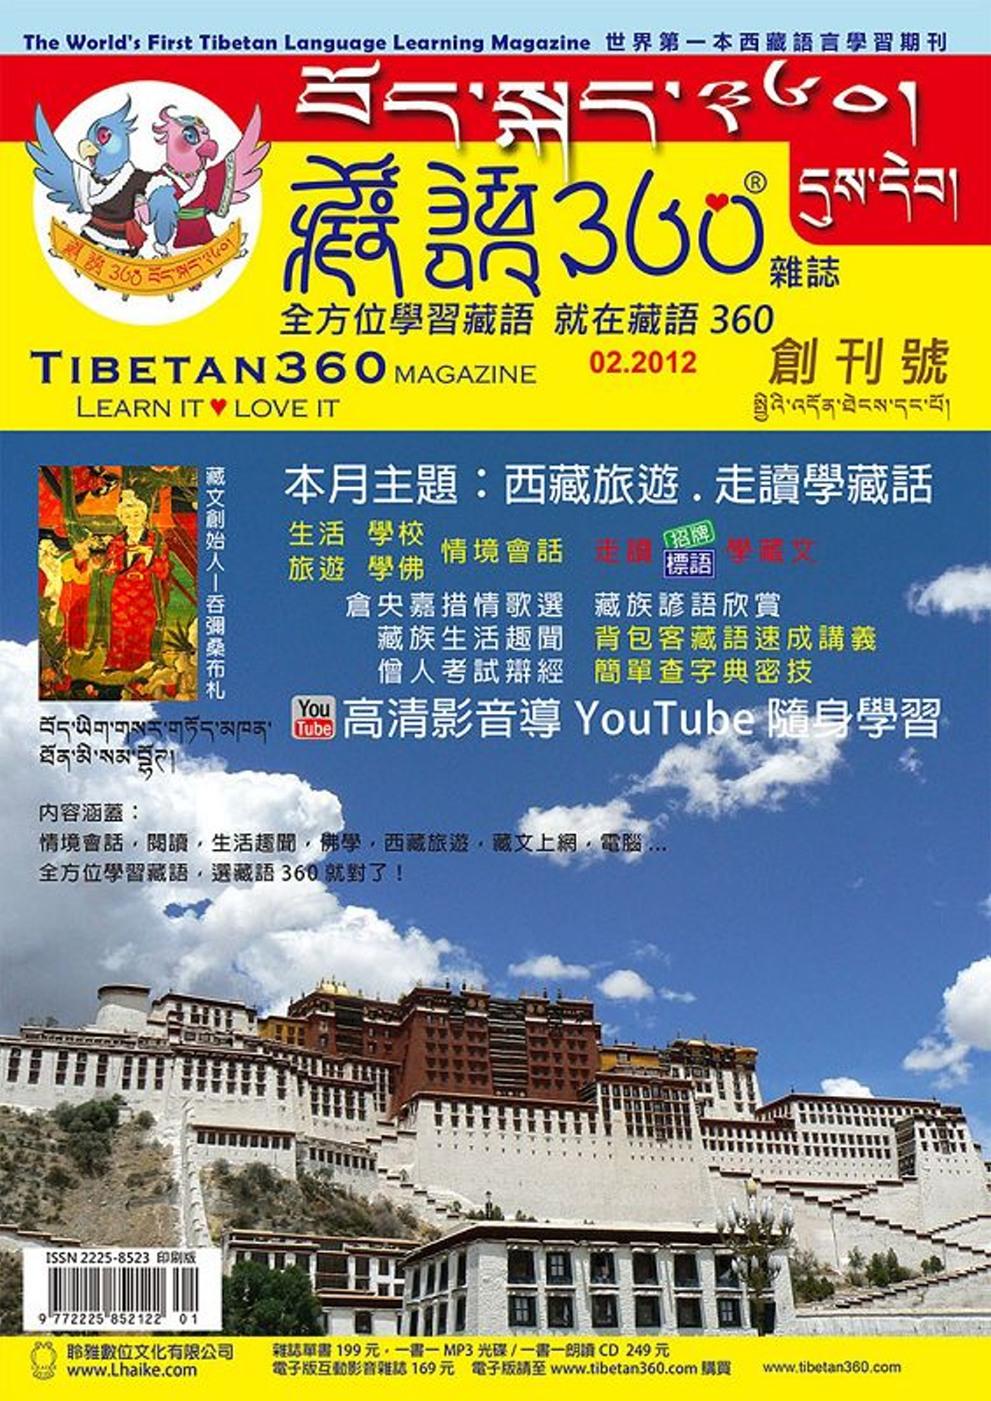 全方位學習藏語(1)